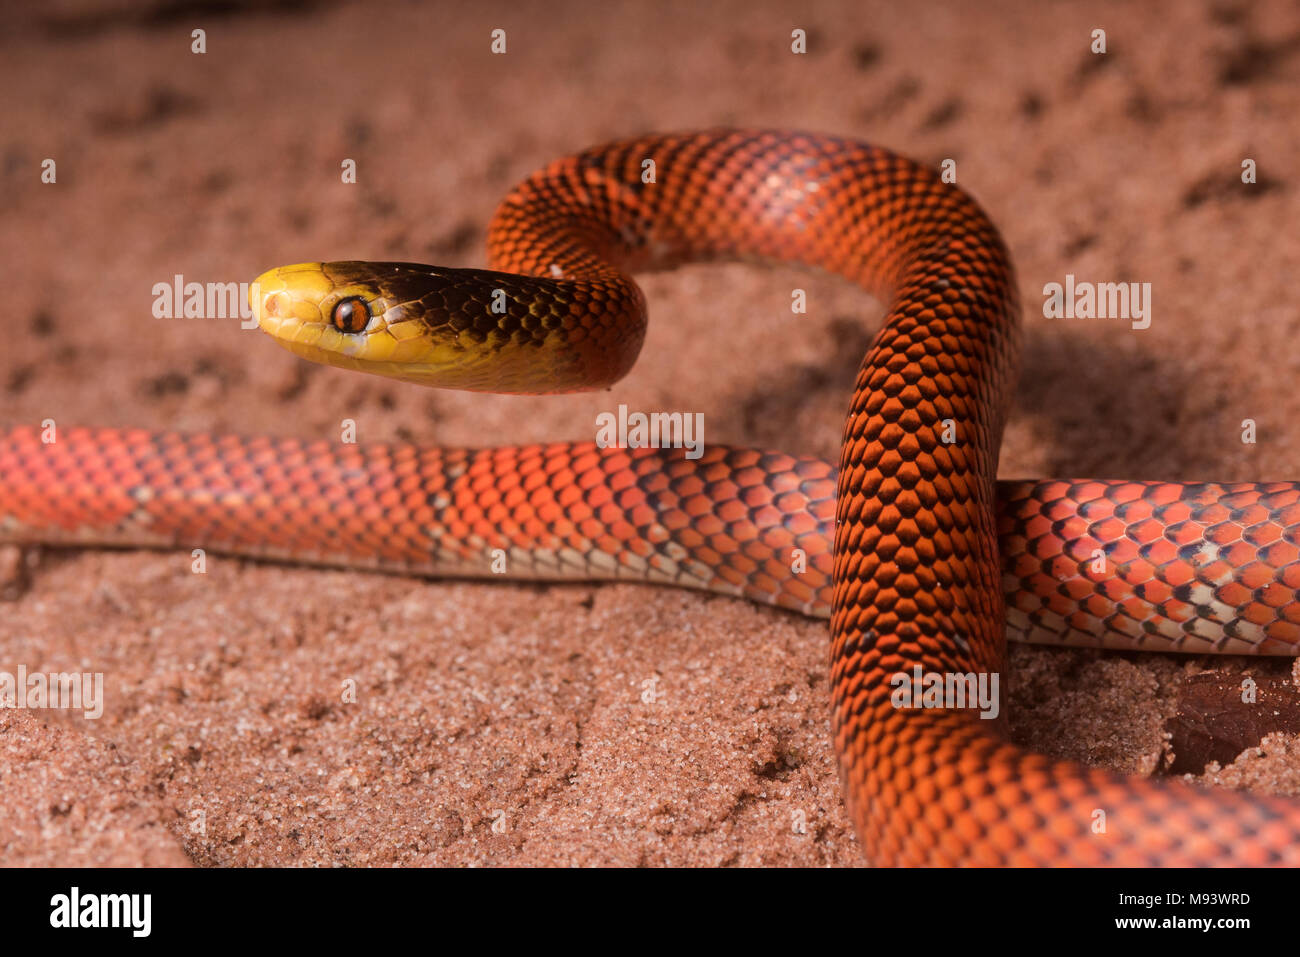 Die Formosa falschen Korallenschlange (Oxyrhopus formosus) ist eine harmlose Schlange Arten. Es ist eine der farbenprächtigsten Schlangen im Dschungel. Stockbild